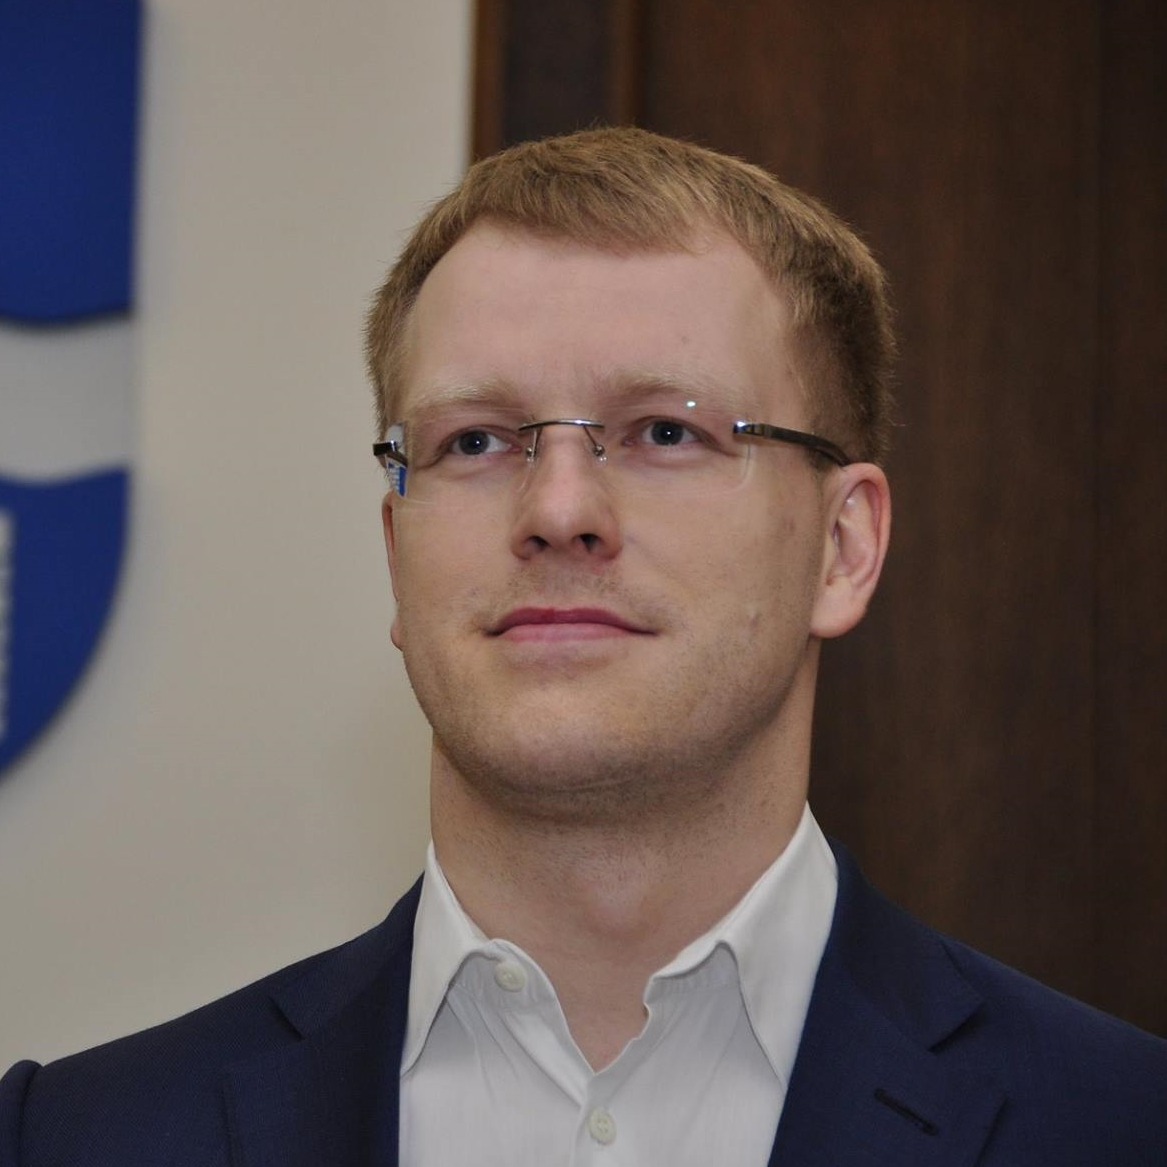 Андрей Элксниньш снова мэр Даугавпилса!